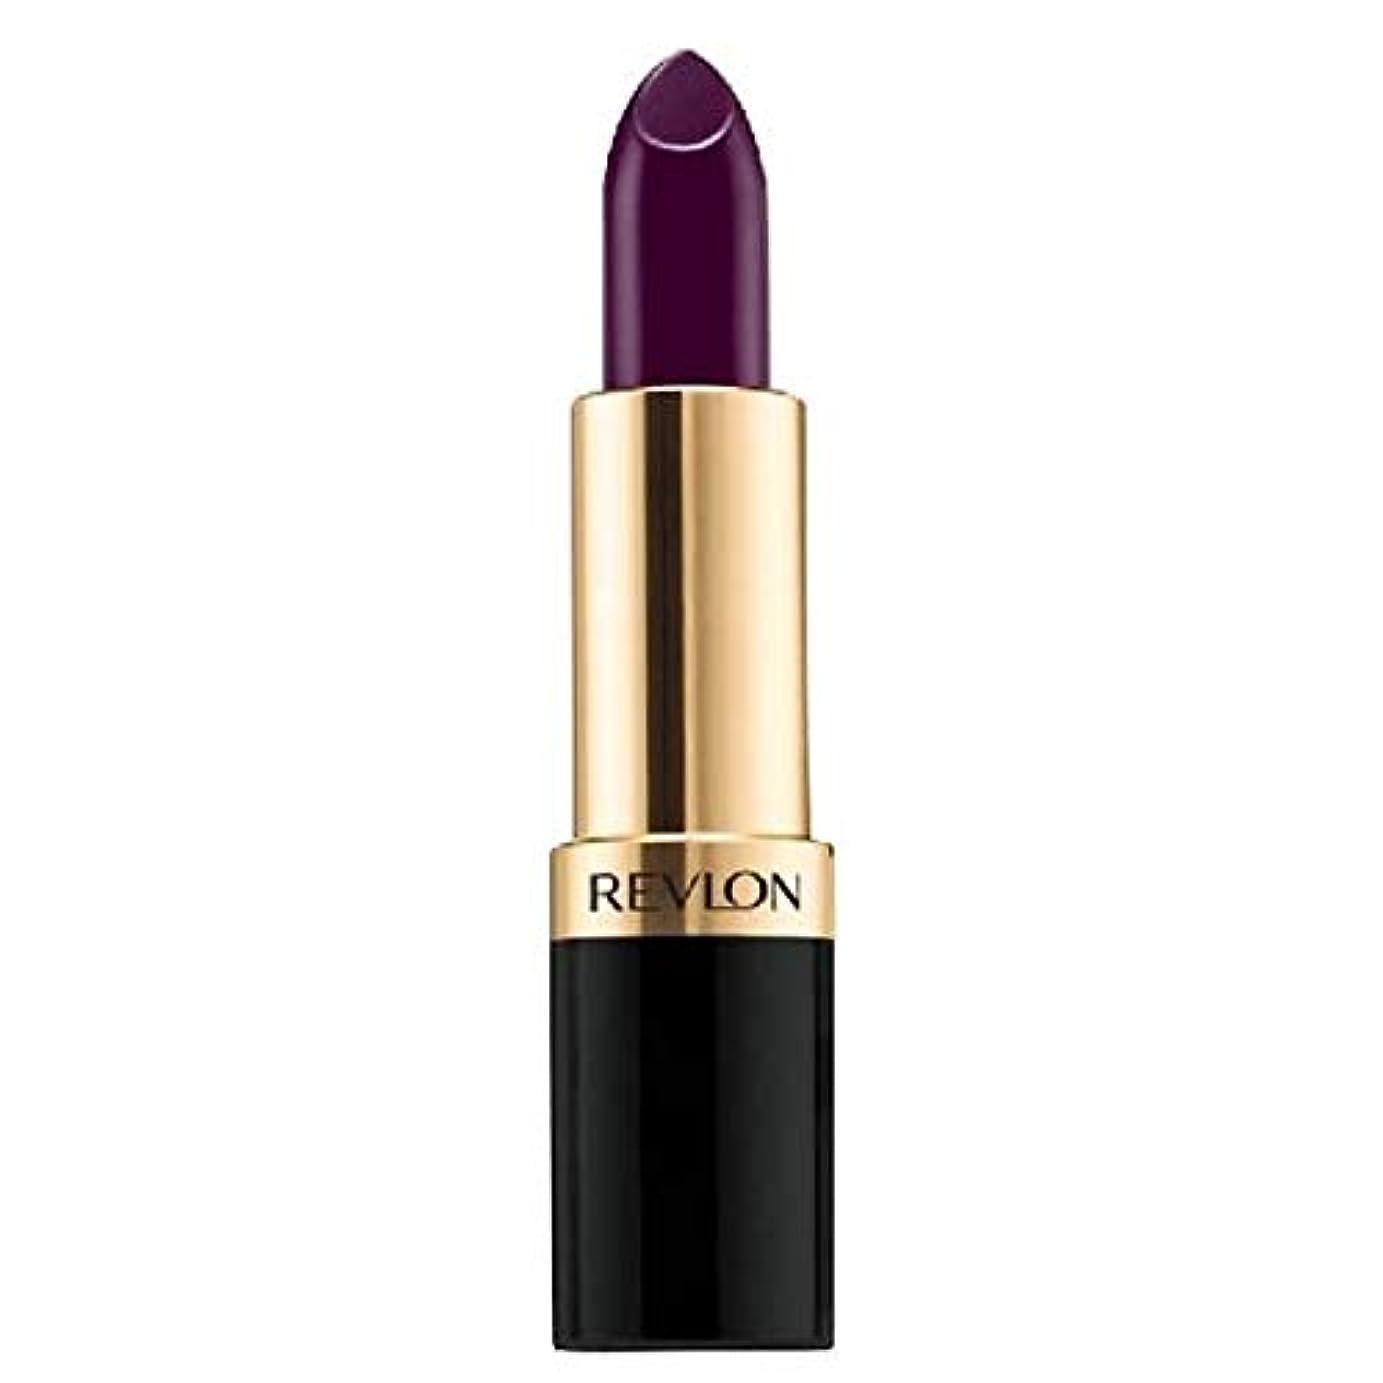 斧味方ジャンル[Revlon ] レブロンSuperlustrousマット口紅暗い夜の女王 - Revlon Superlustrous Matte Lipstick Dark Night Queen [並行輸入品]